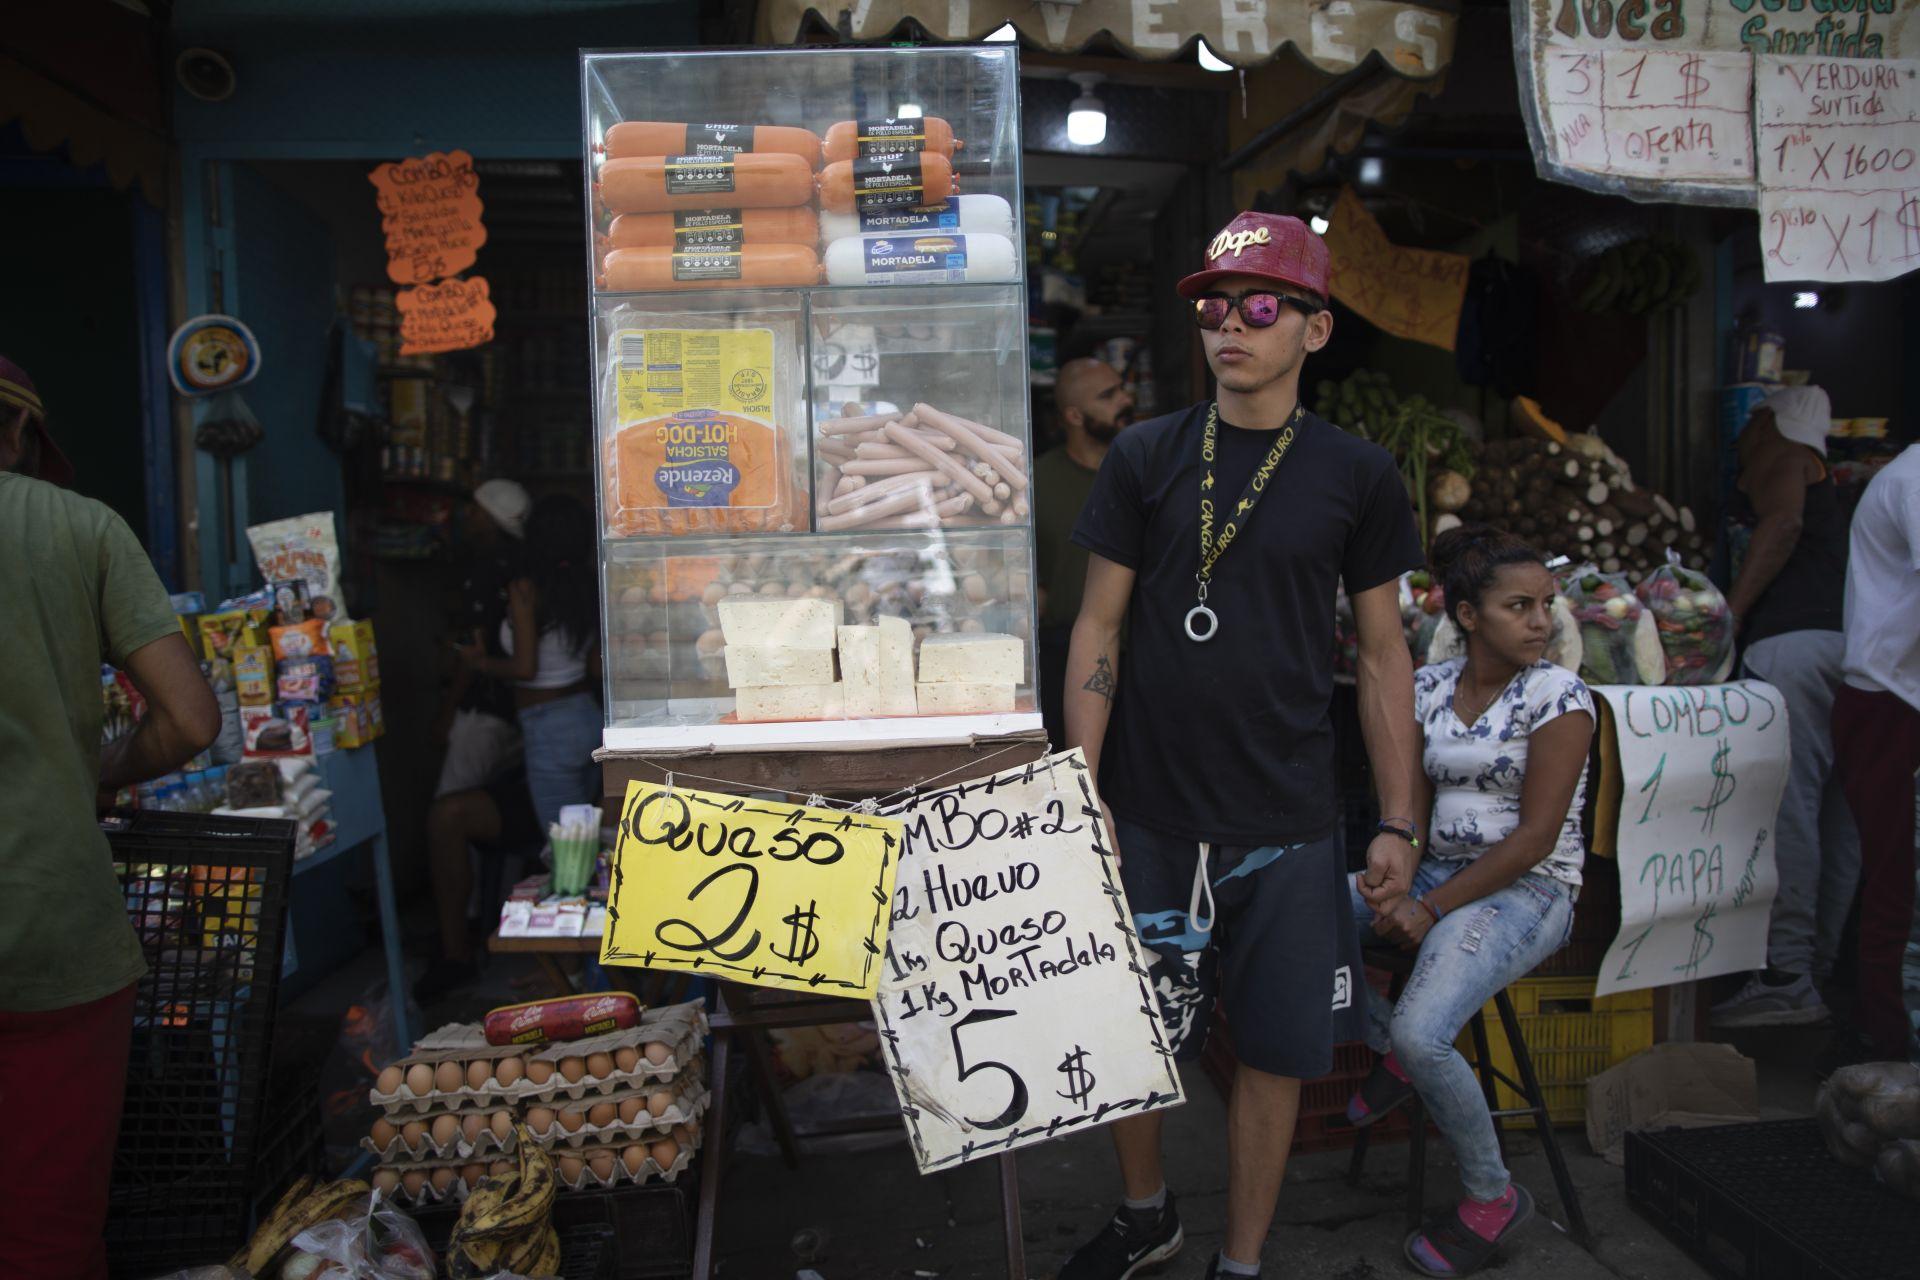 11 юни 2021 г. - Промоции на сирене, яйца и мортадела на пазар в Каракас, Венецуела. Южноамериканската страна опитва да излезе от тежката иикономическа криза, довела до недостиг на редица продукти.